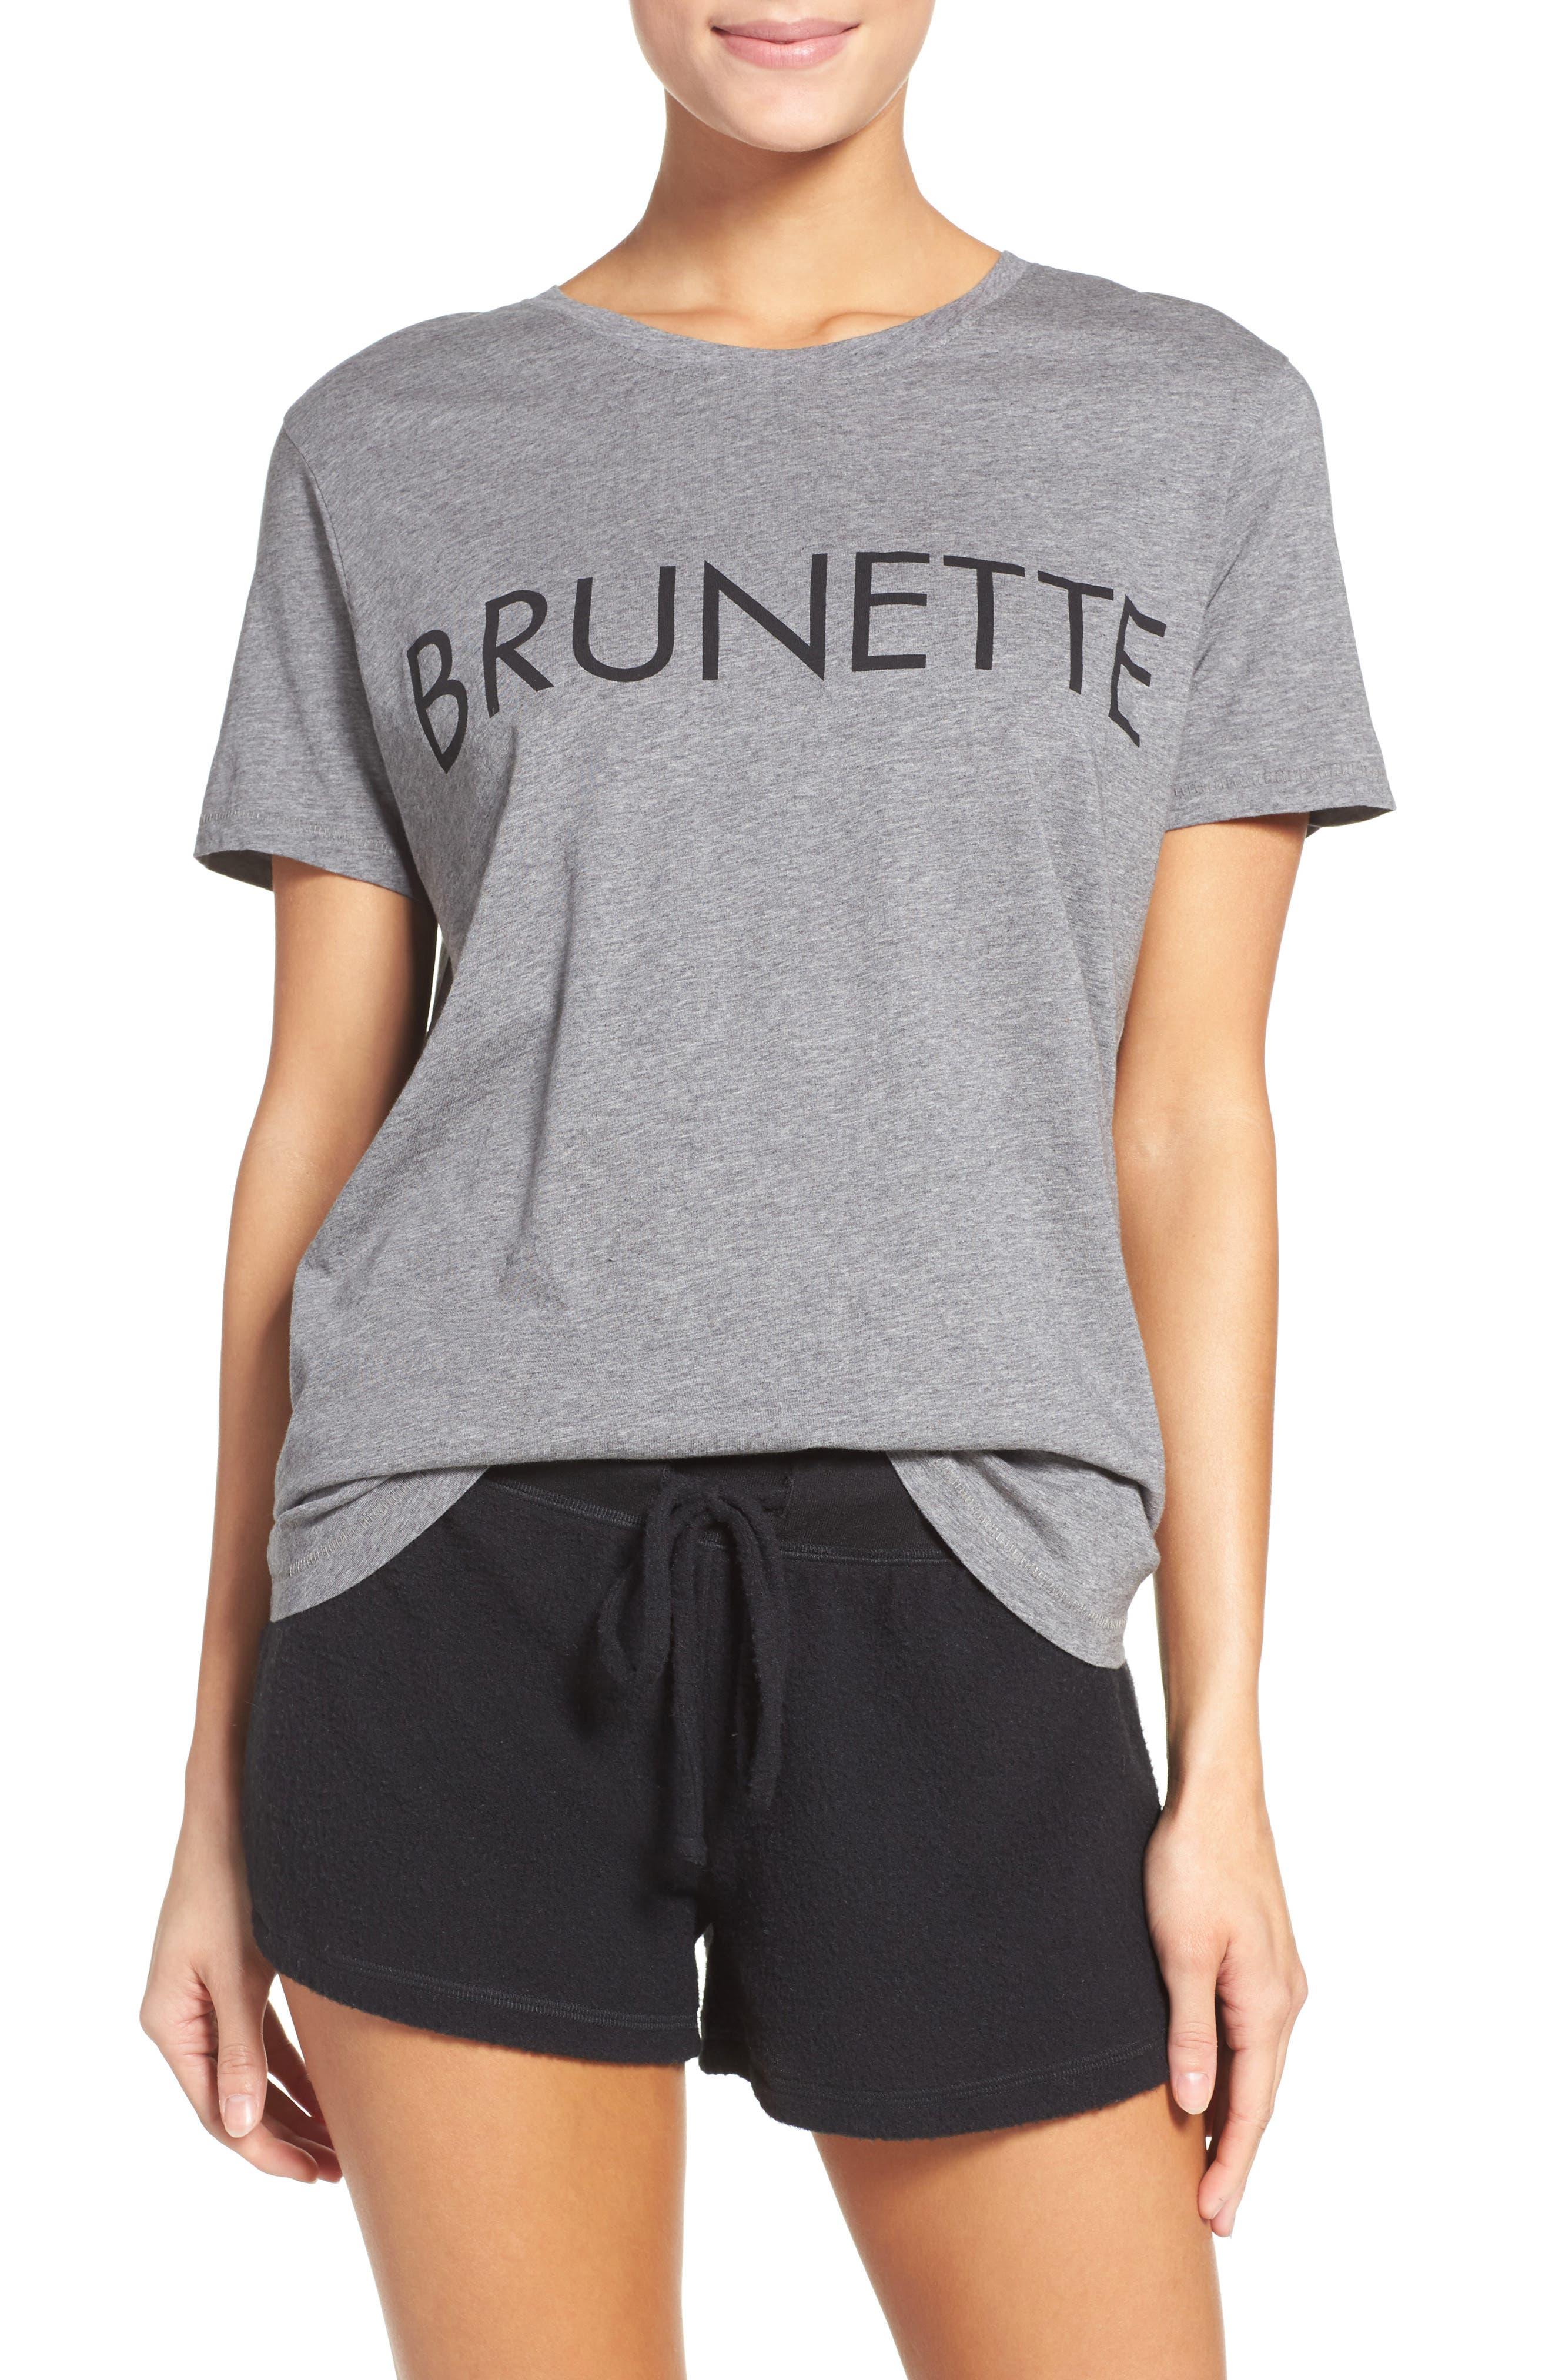 BRUNETTE The Ryan - Brunette Lounge Tee